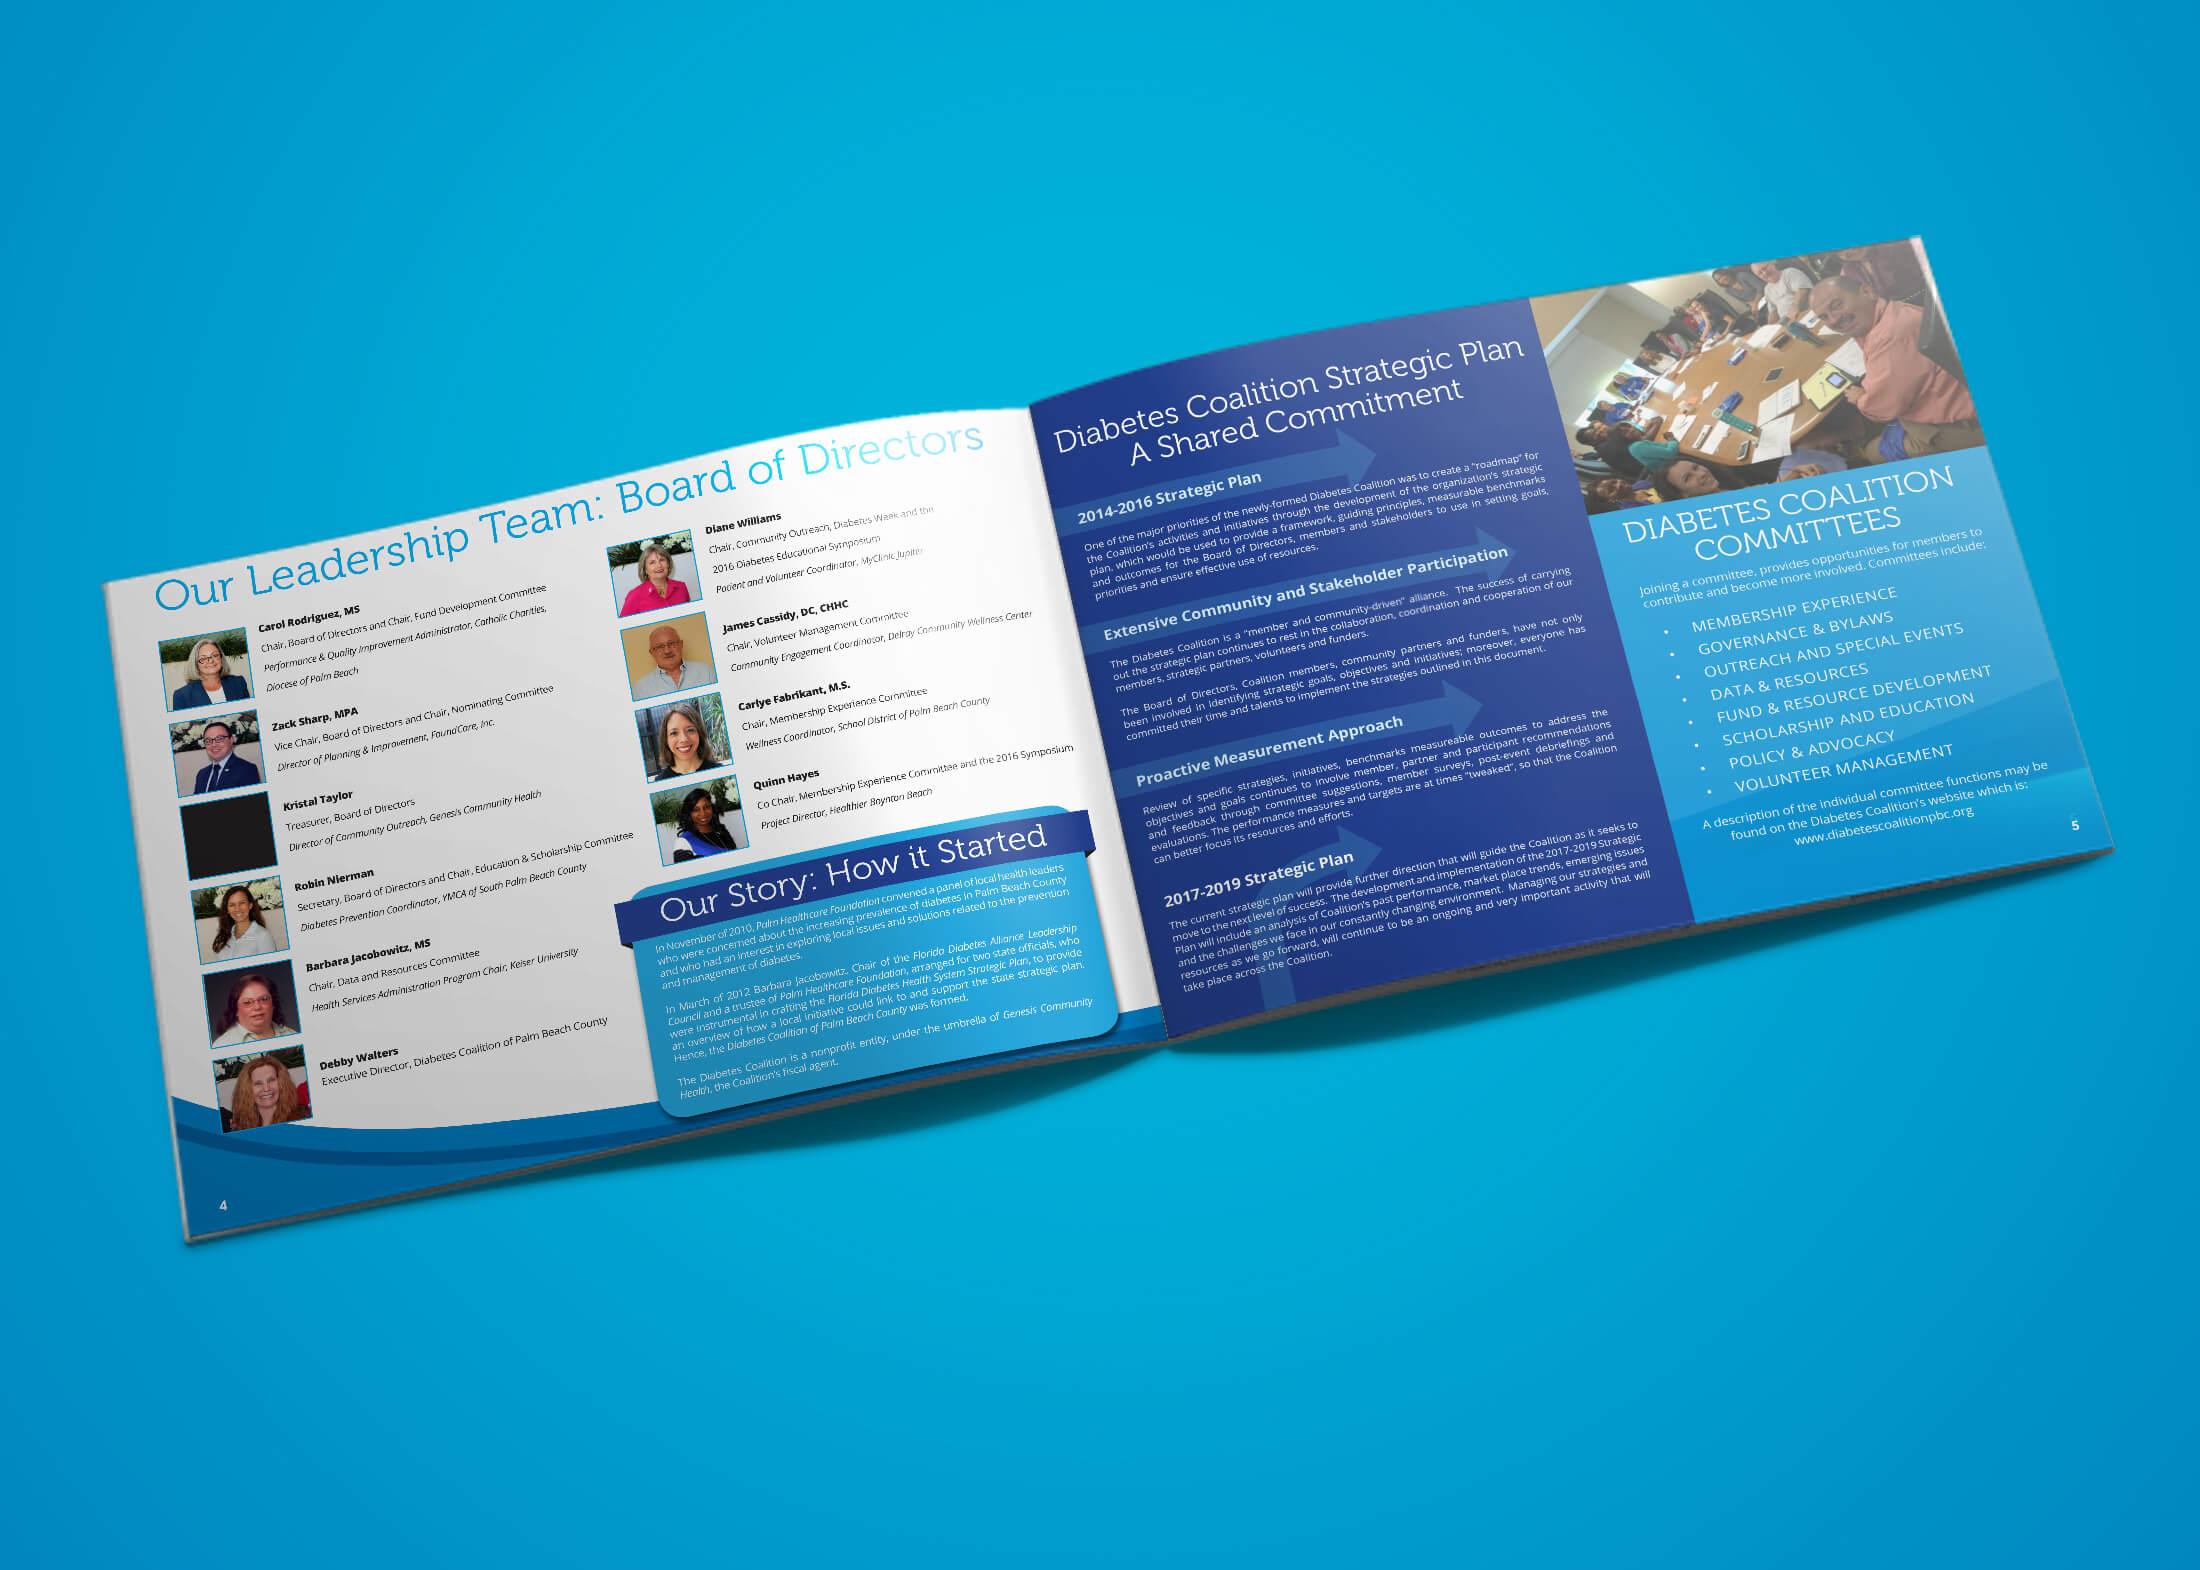 Diabetes-Coalition-Booklet-2